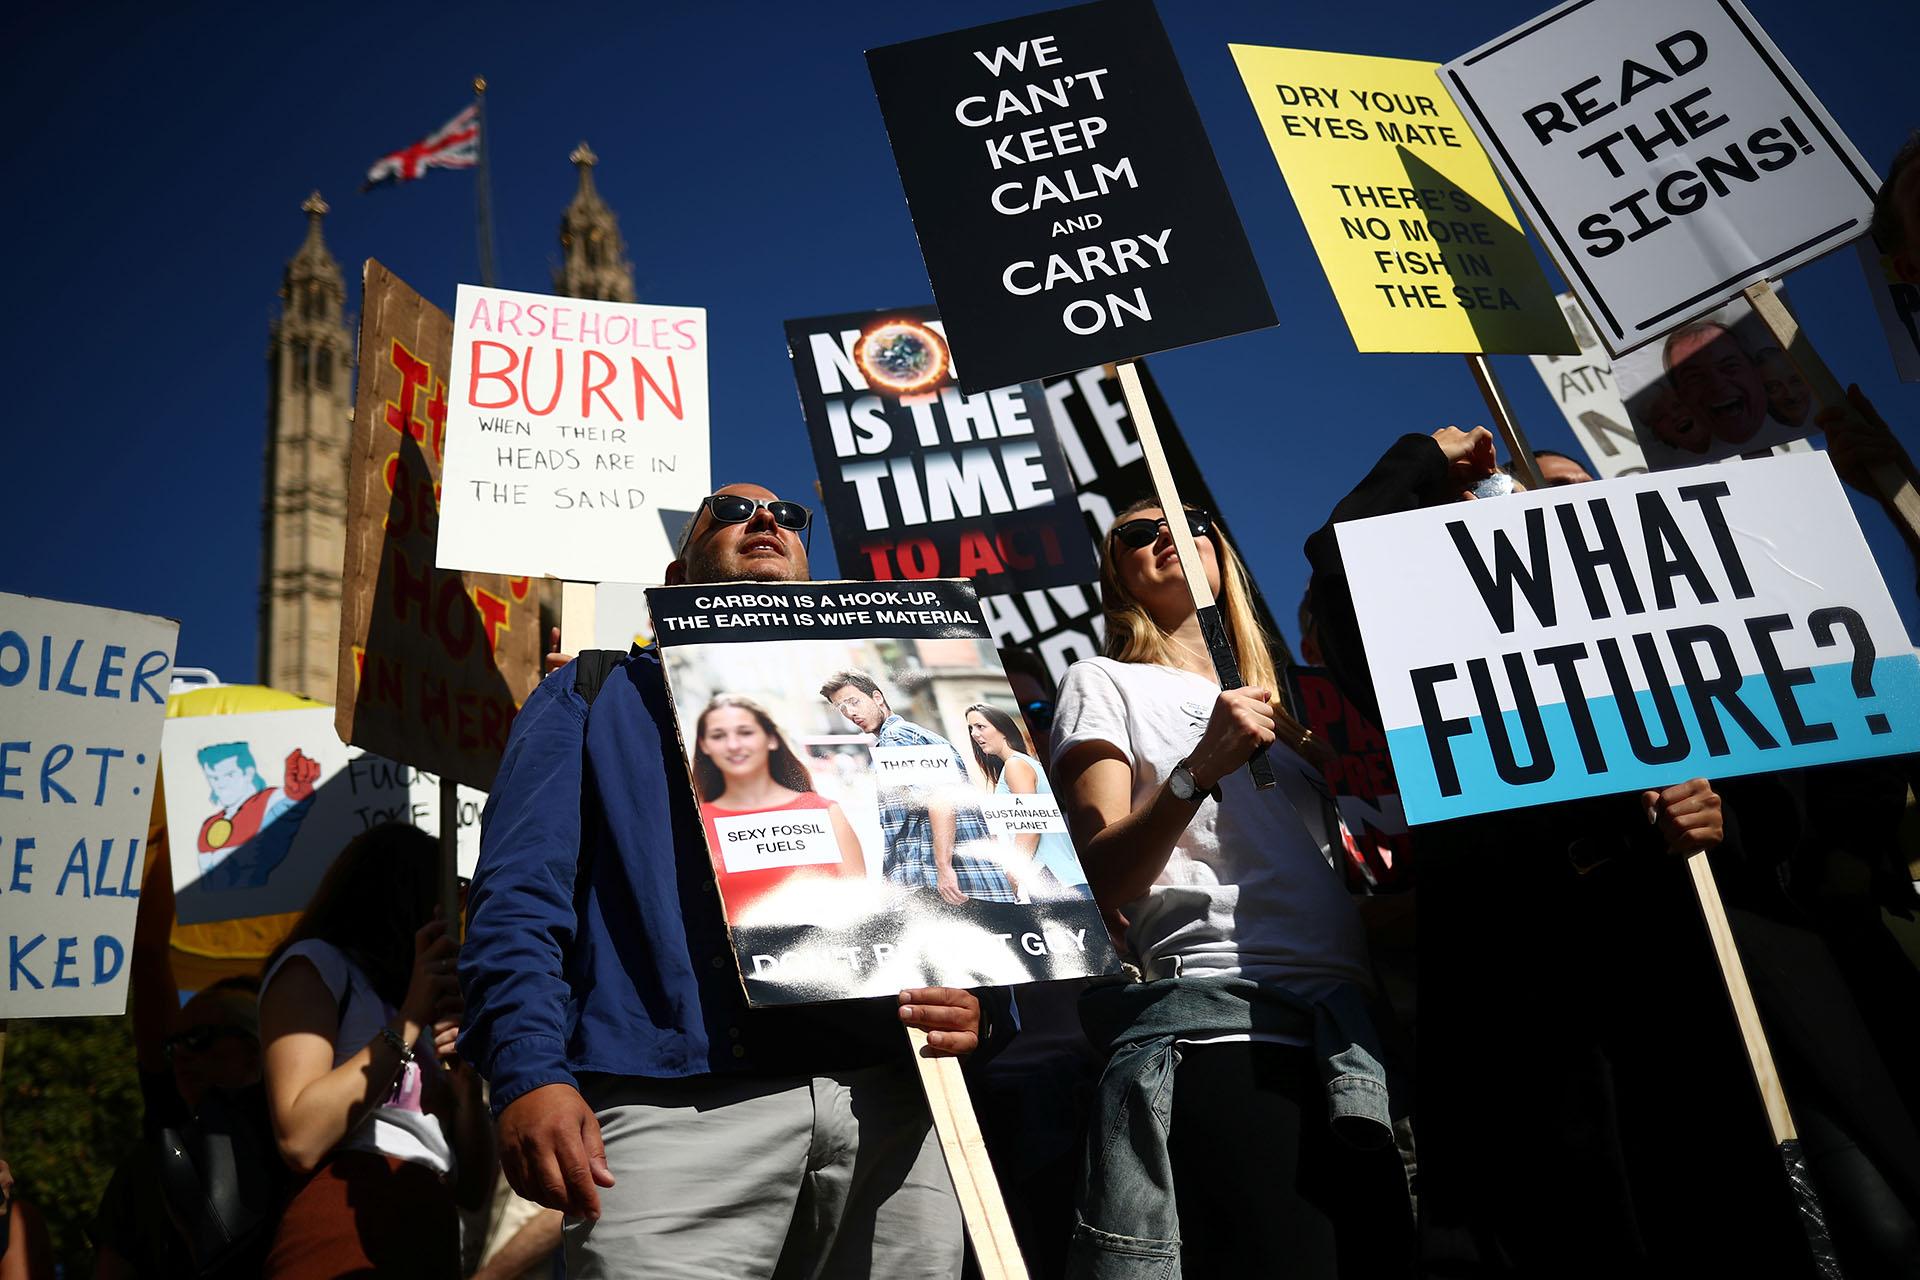 """""""¿Qué futuro?"""", se pregunta una persona a través de un cartel en Londres (REUTERS/Hannah McKay)"""